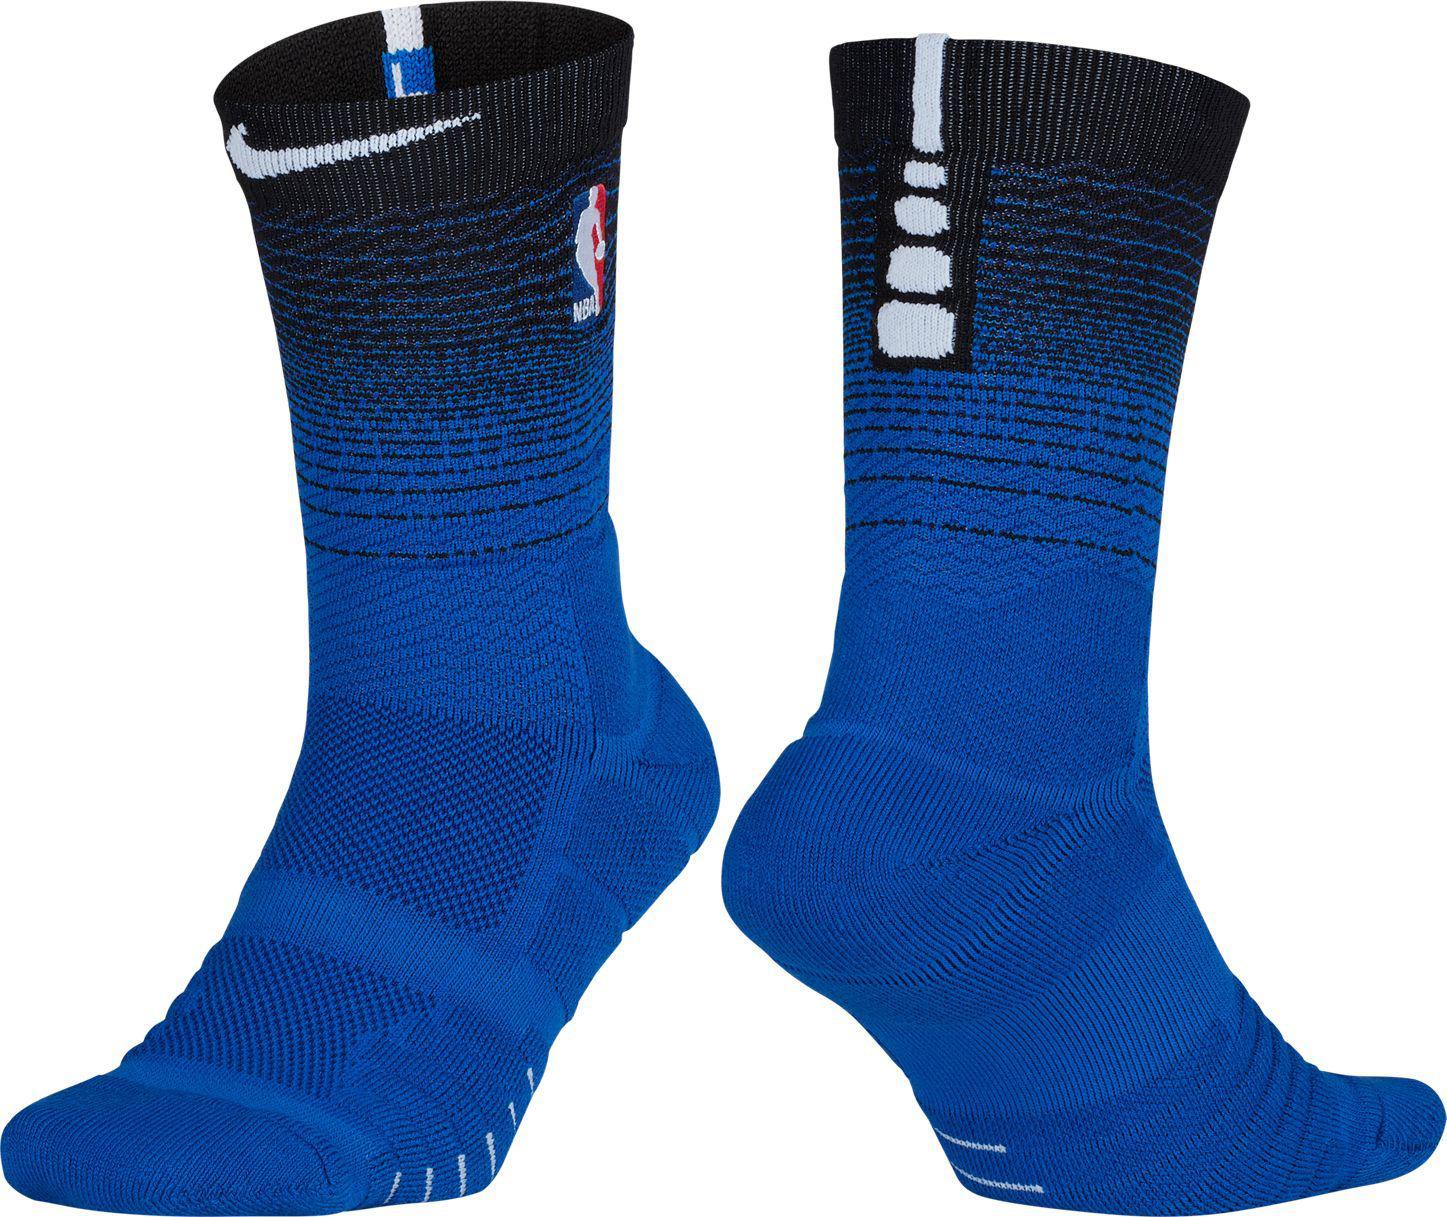 quality design ec345 2a02e Men's Blue Orlando Magic City Edition Elite Quick Nba Crew Socks